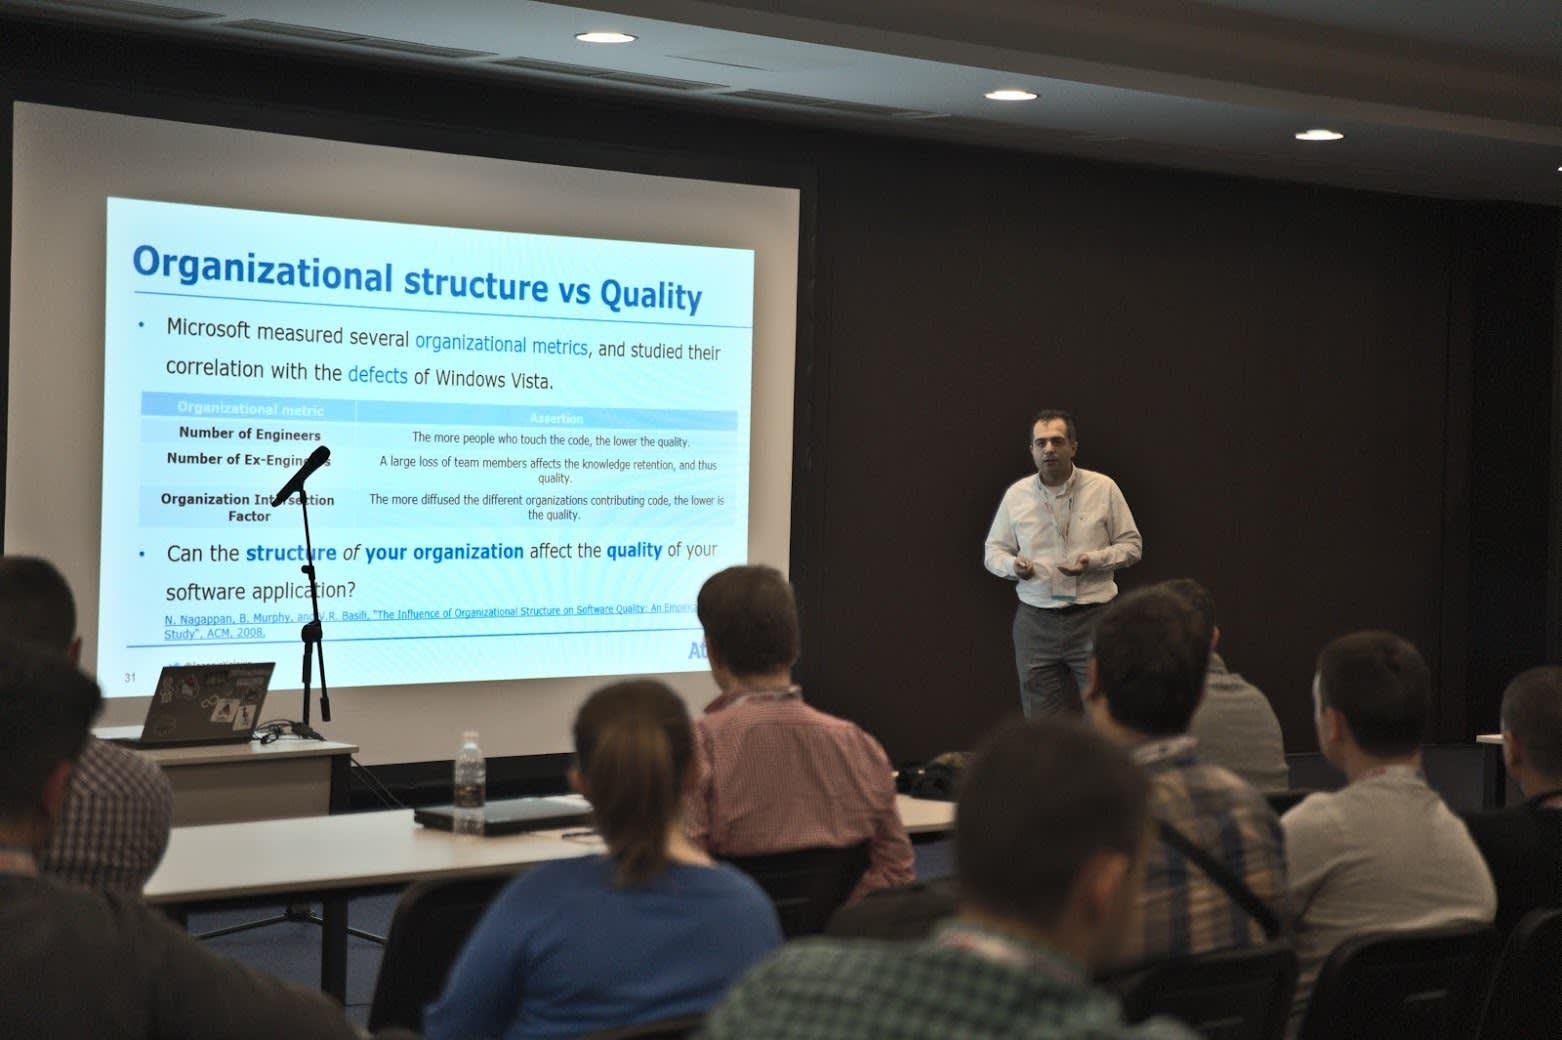 2019 Dec 10-12 - Java2Days, Sofia/Bulgaria - Presentation on How to Improve Software Quality